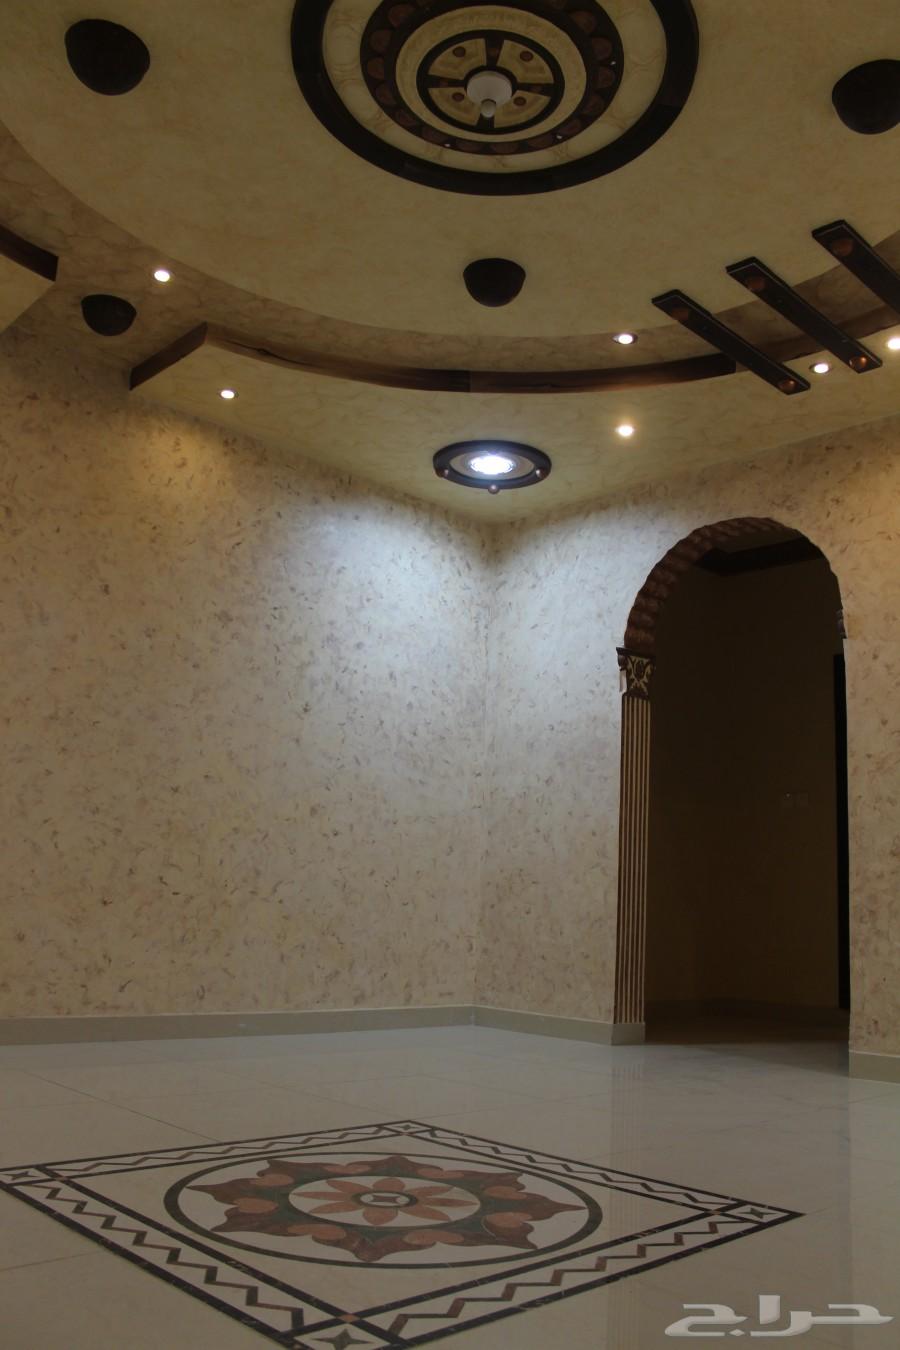 للإيجار شقه ثلاث غرف  مكه المكرمه حي المسفله الكعكيه خلف بن داوود أمام محطة ألتحليه 52f5e5c0c94fd.JPG